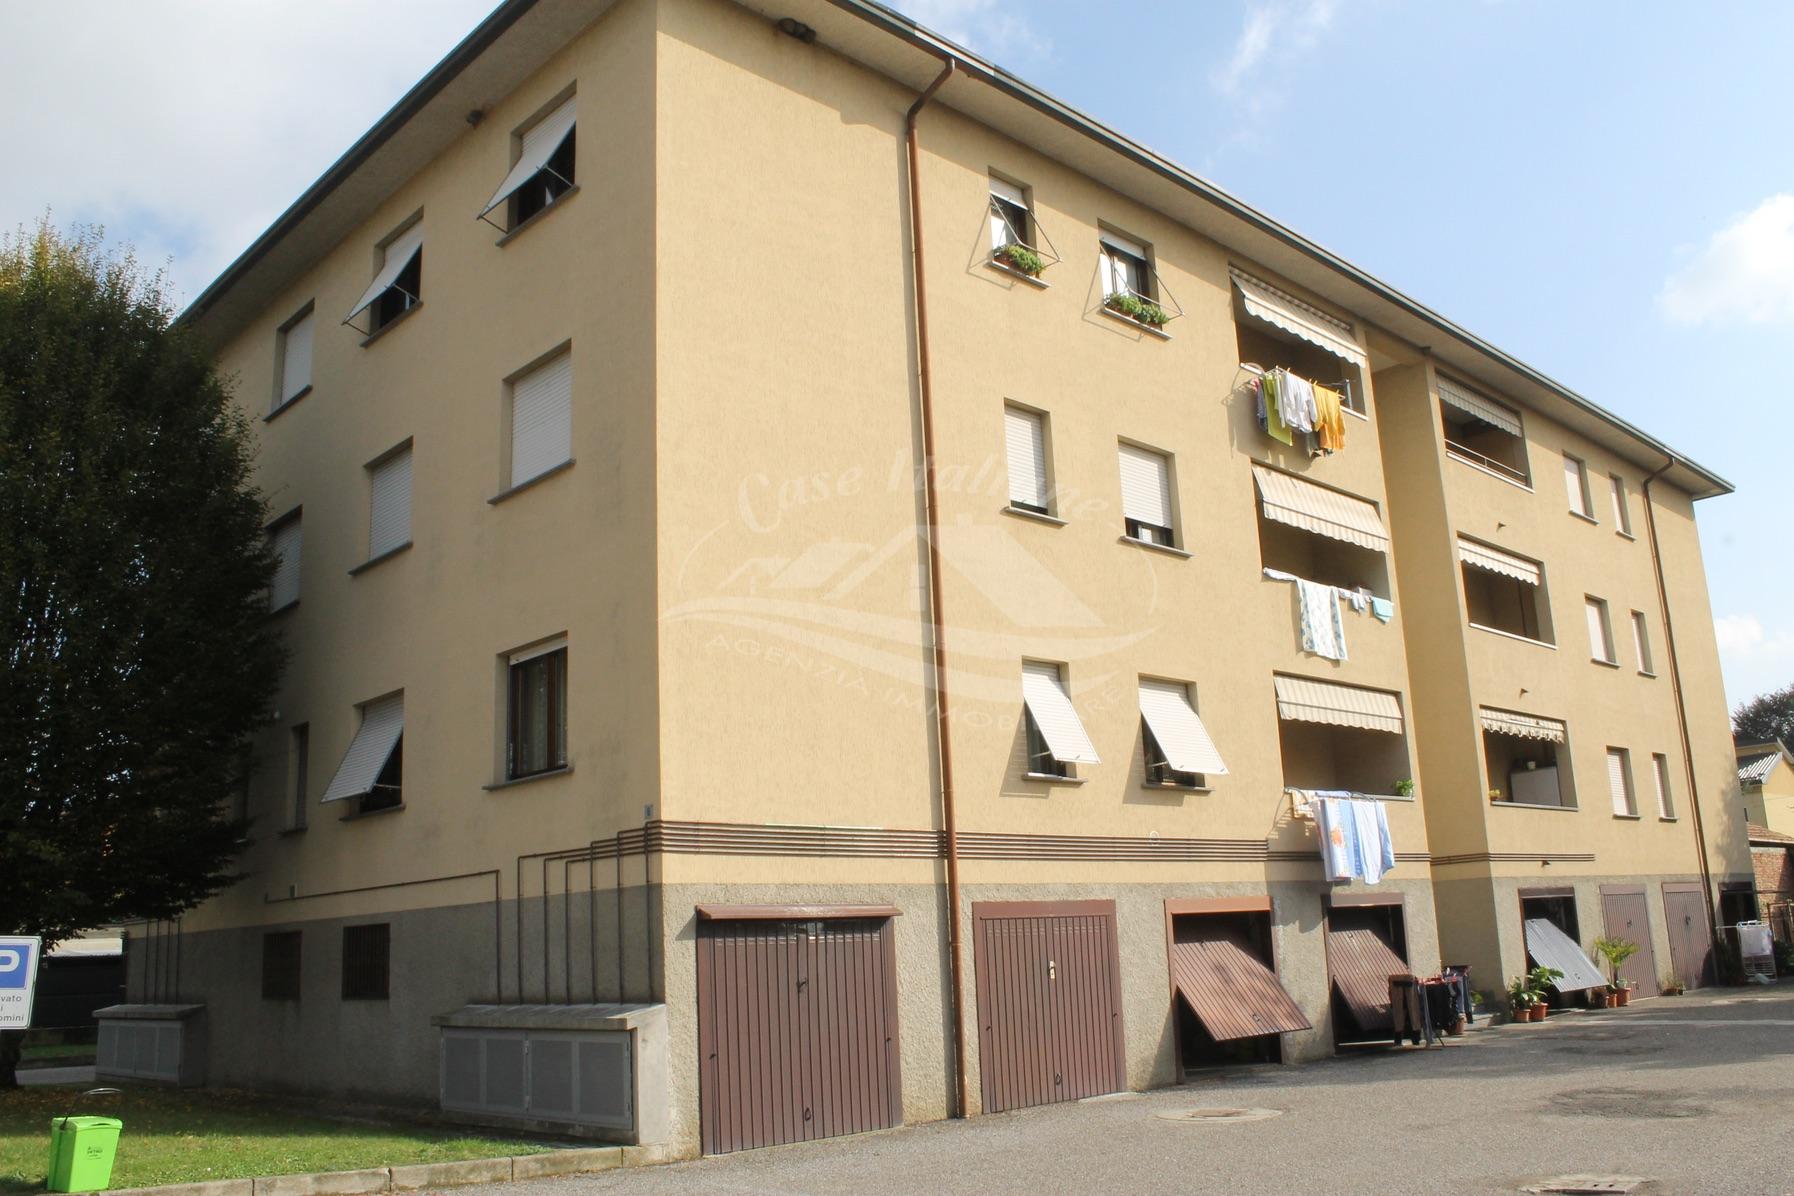 Foto immobili 035 case italiane agenzia immobiliare cant for Case italiane immobiliare